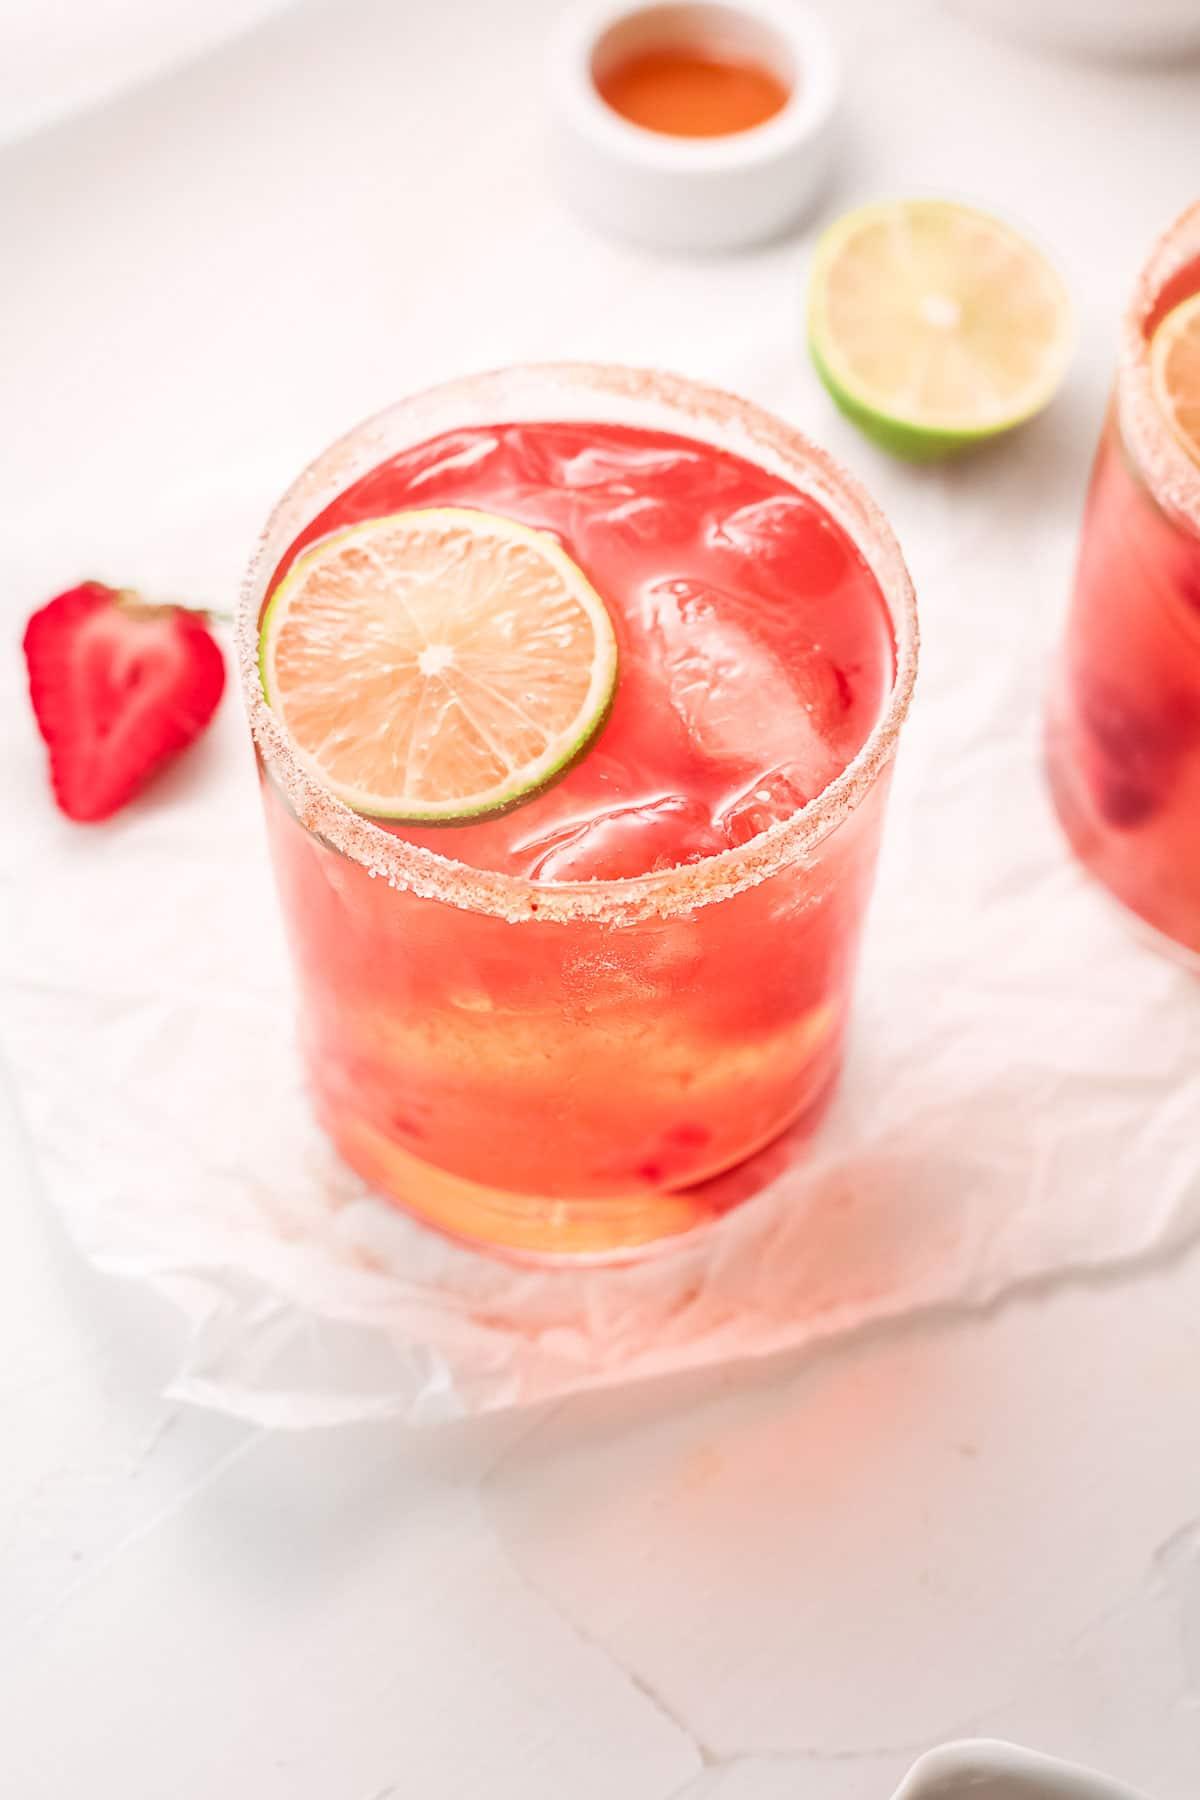 strawberry margarita above